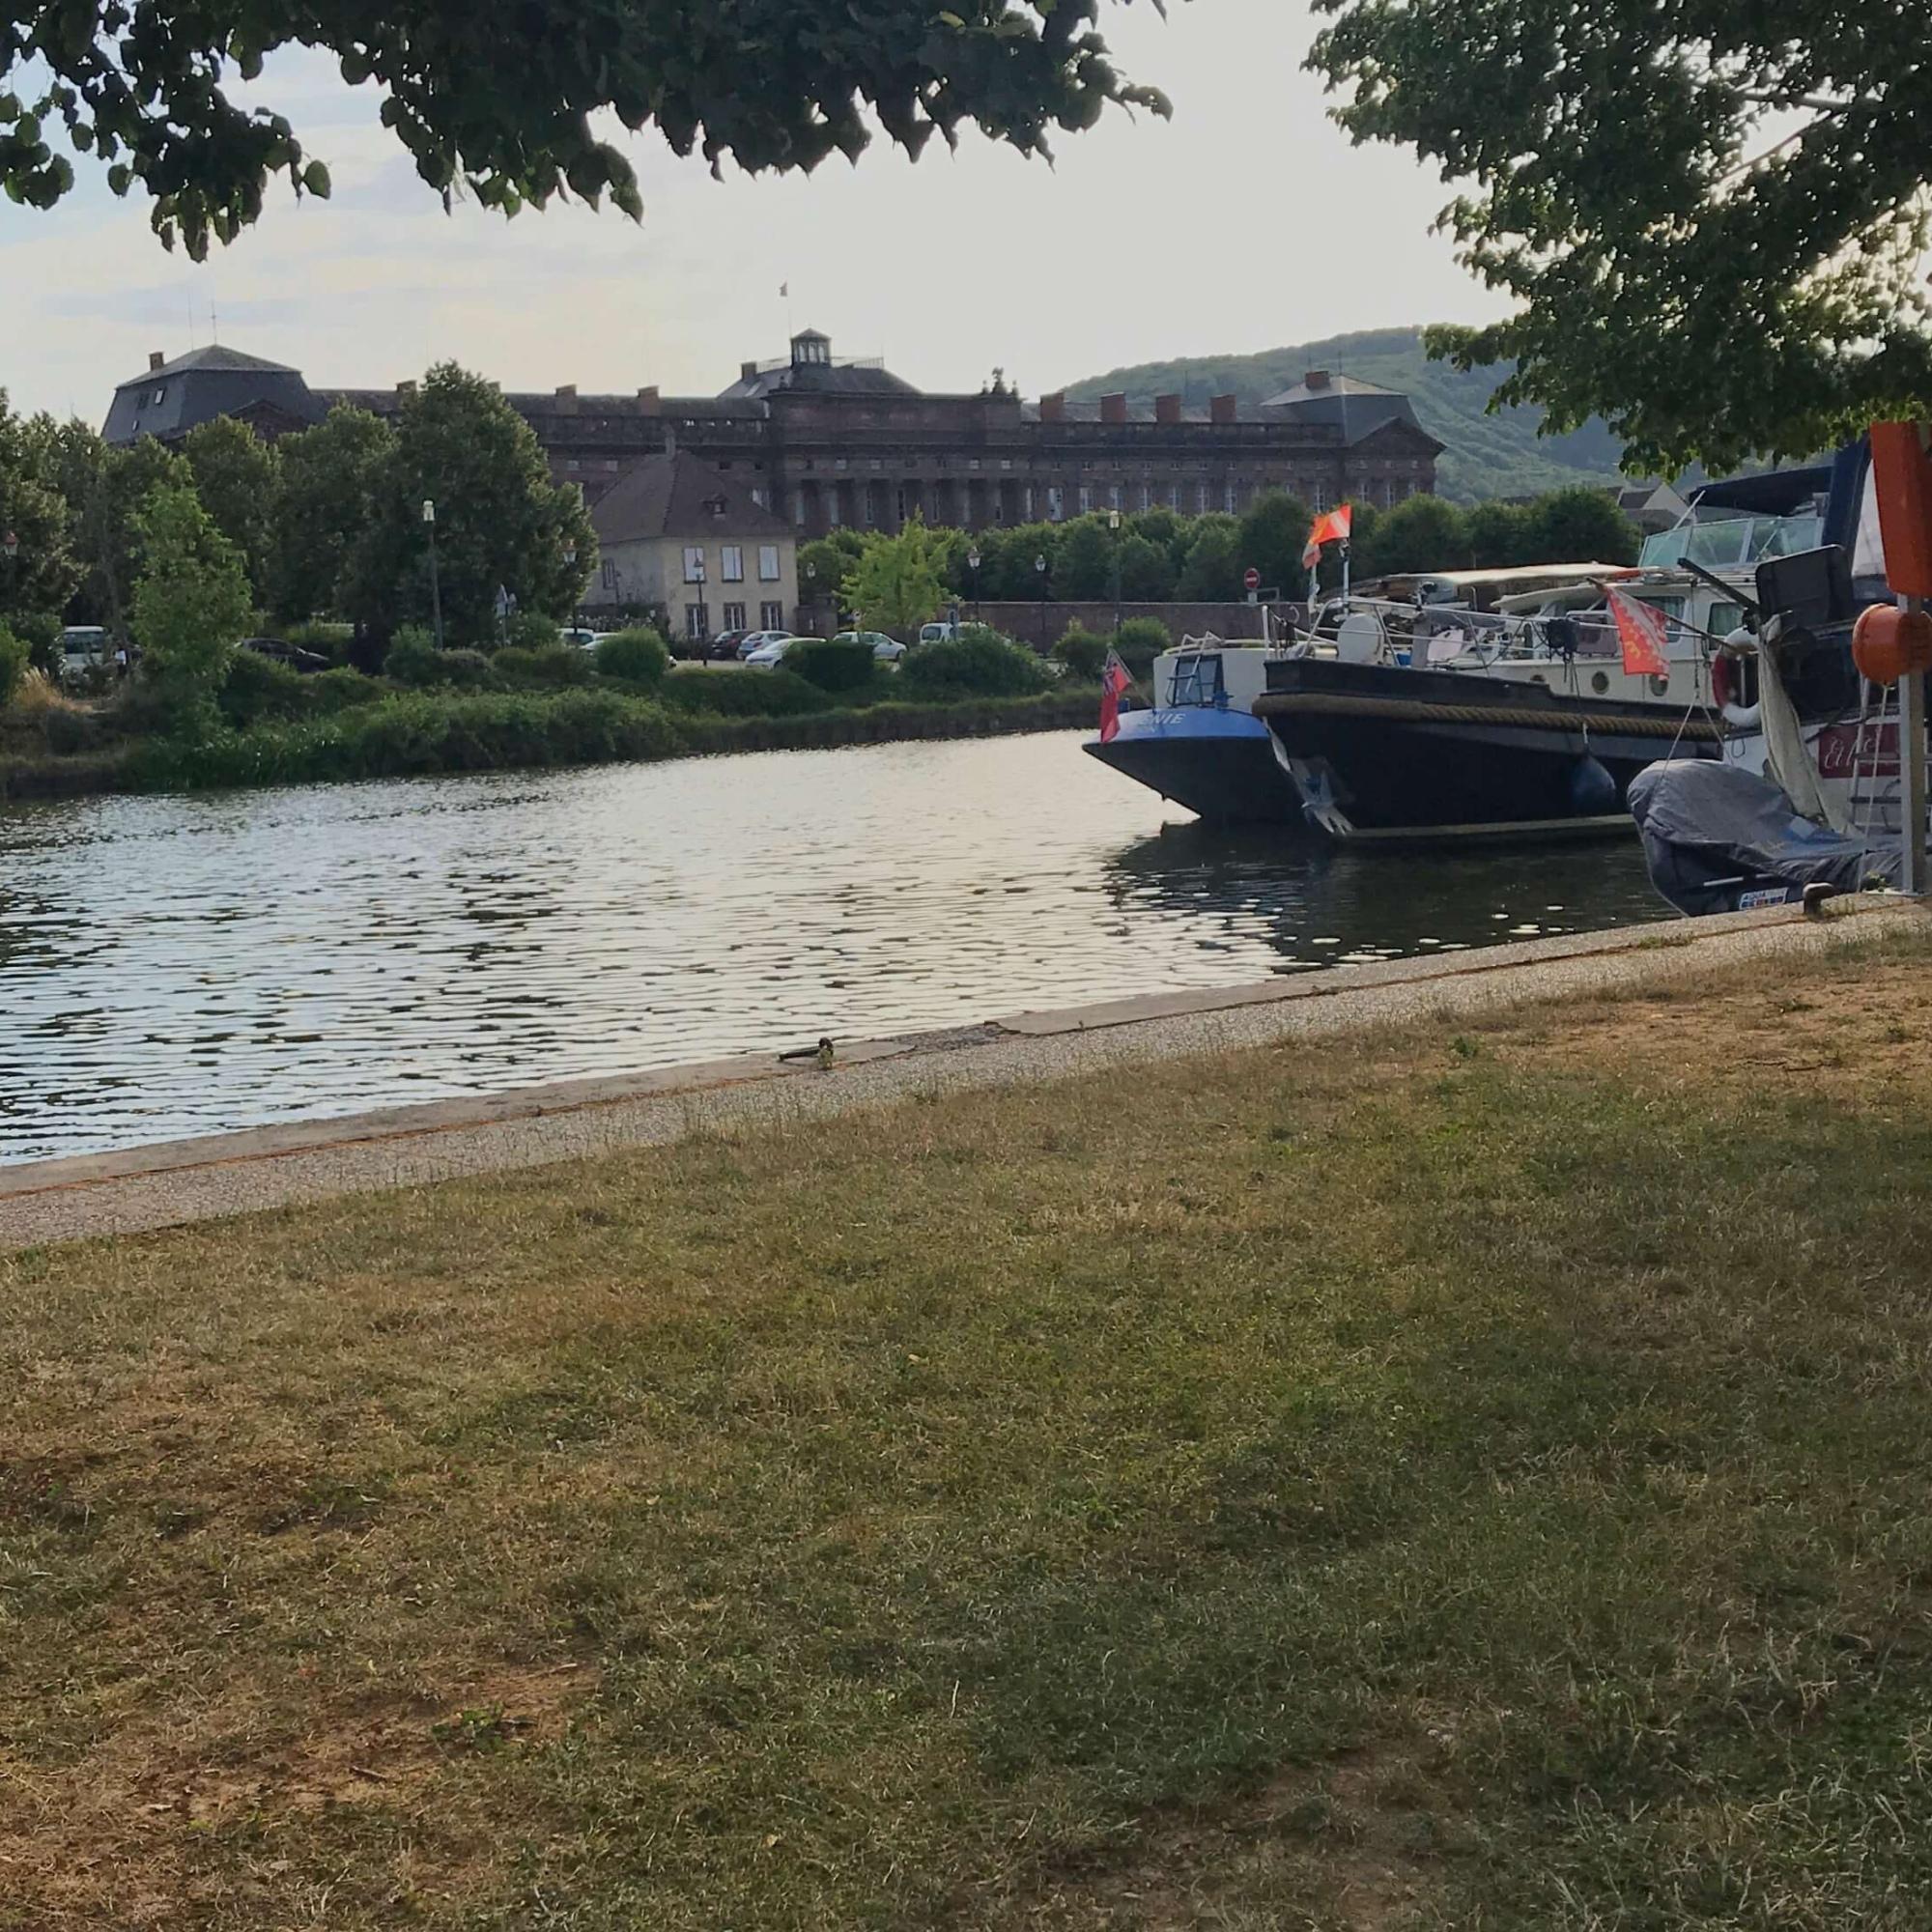 noch sind keine Sommerferien - am Hafen hat es noch Platz